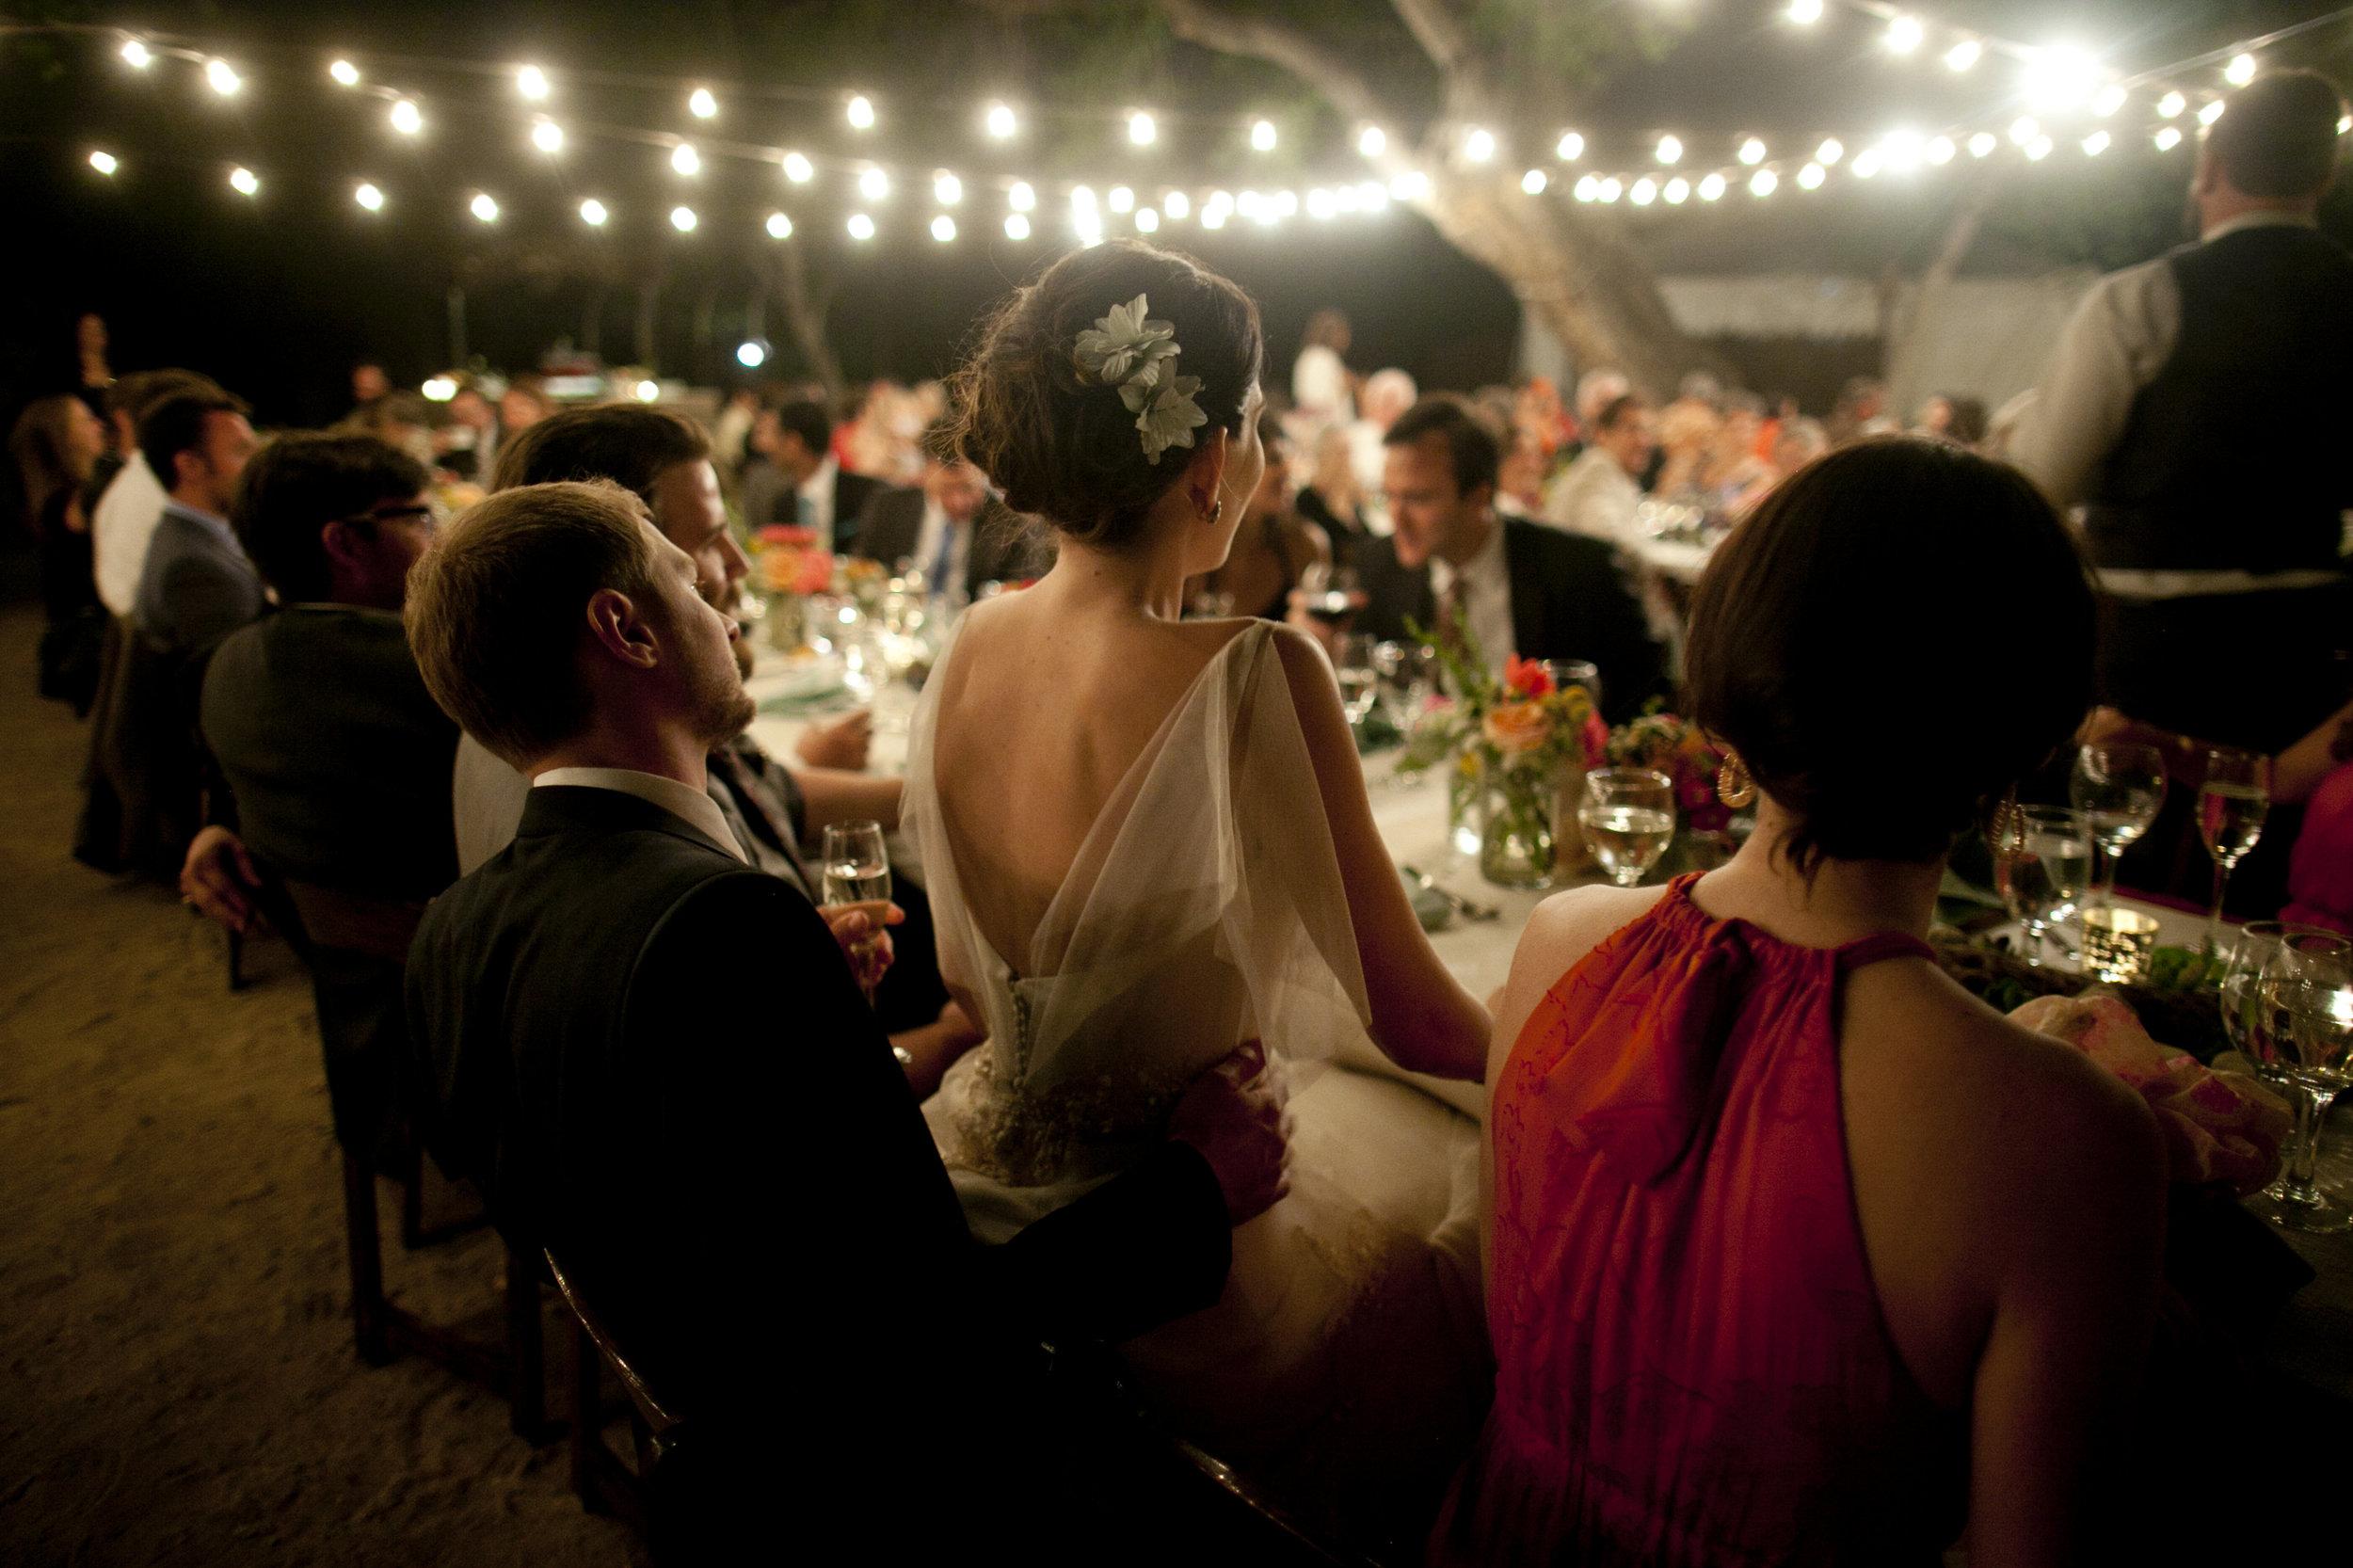 Ceci_New_York_Ceci_Style_Ceci_Johnson_Luxury_Lifestyle_Arizona_Wedding_Watercolor_Inspiration_Design_Custom_Couture_Personalized_Invitations_197.jpg